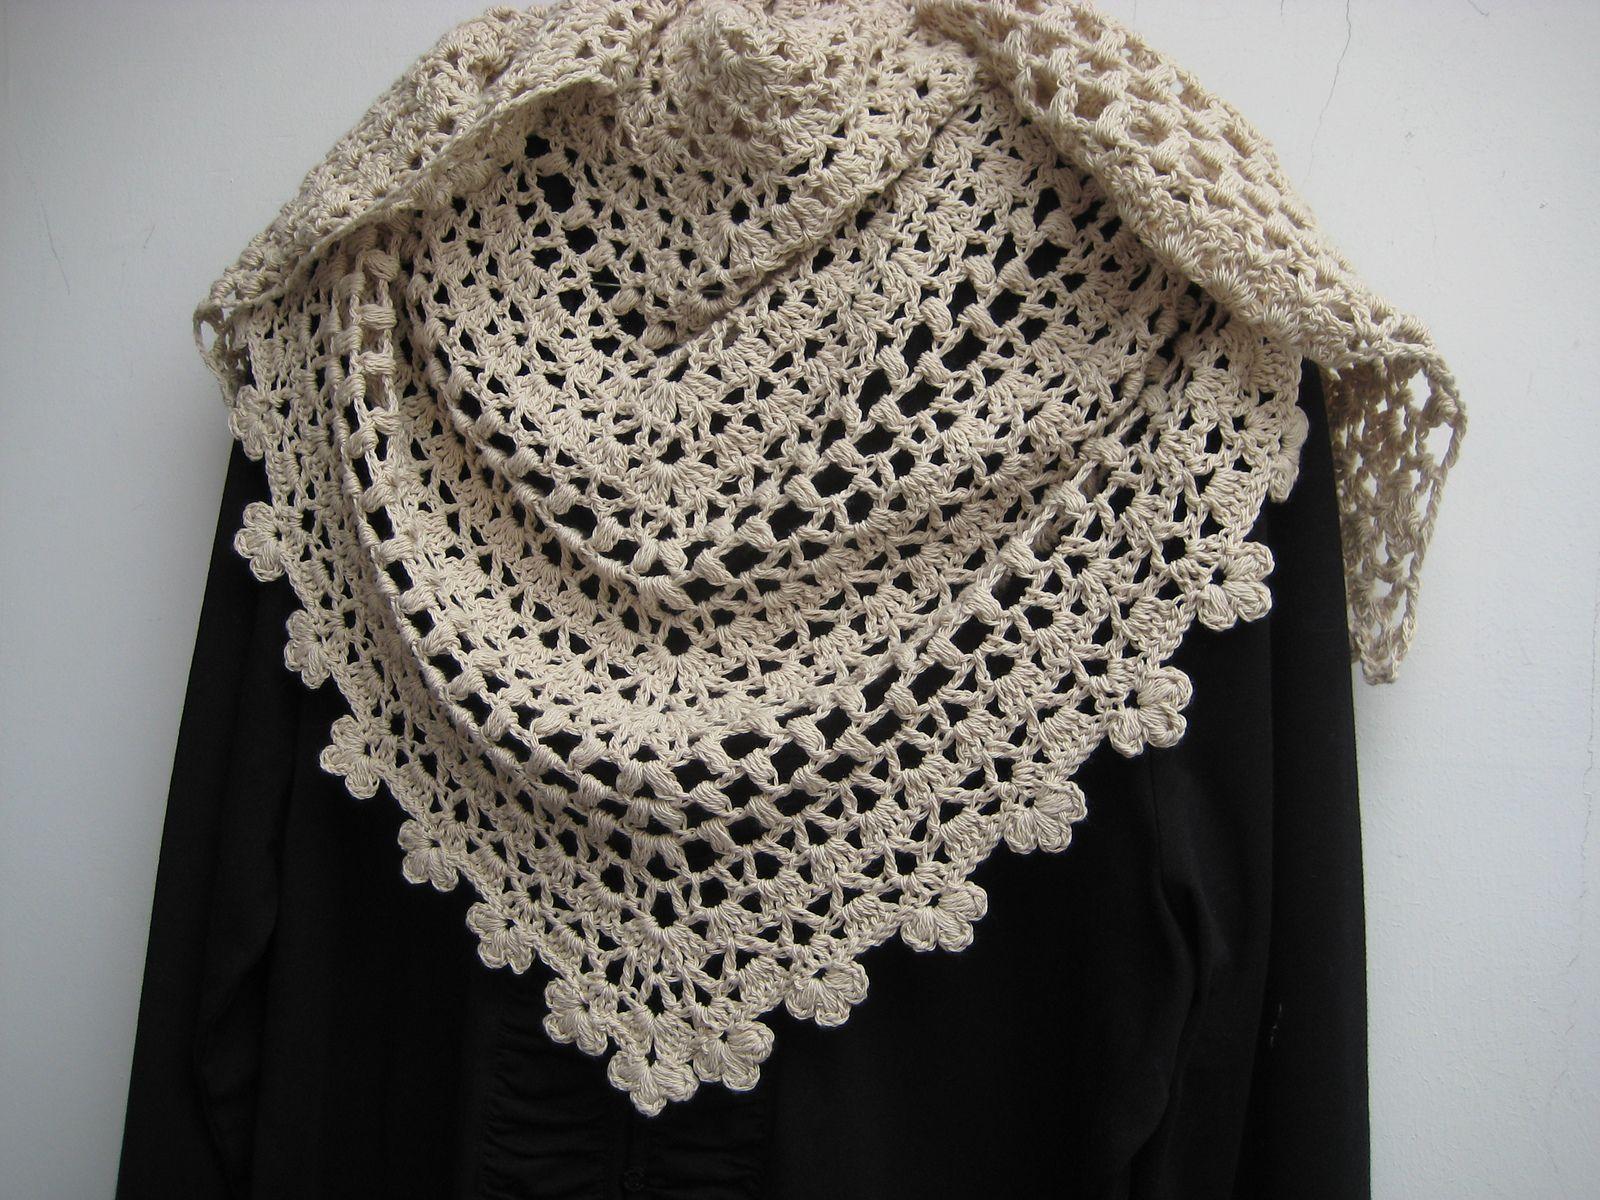 Ravelry: Seems Like Old Times Shawl - Free Crochet Pattern | crochet ...